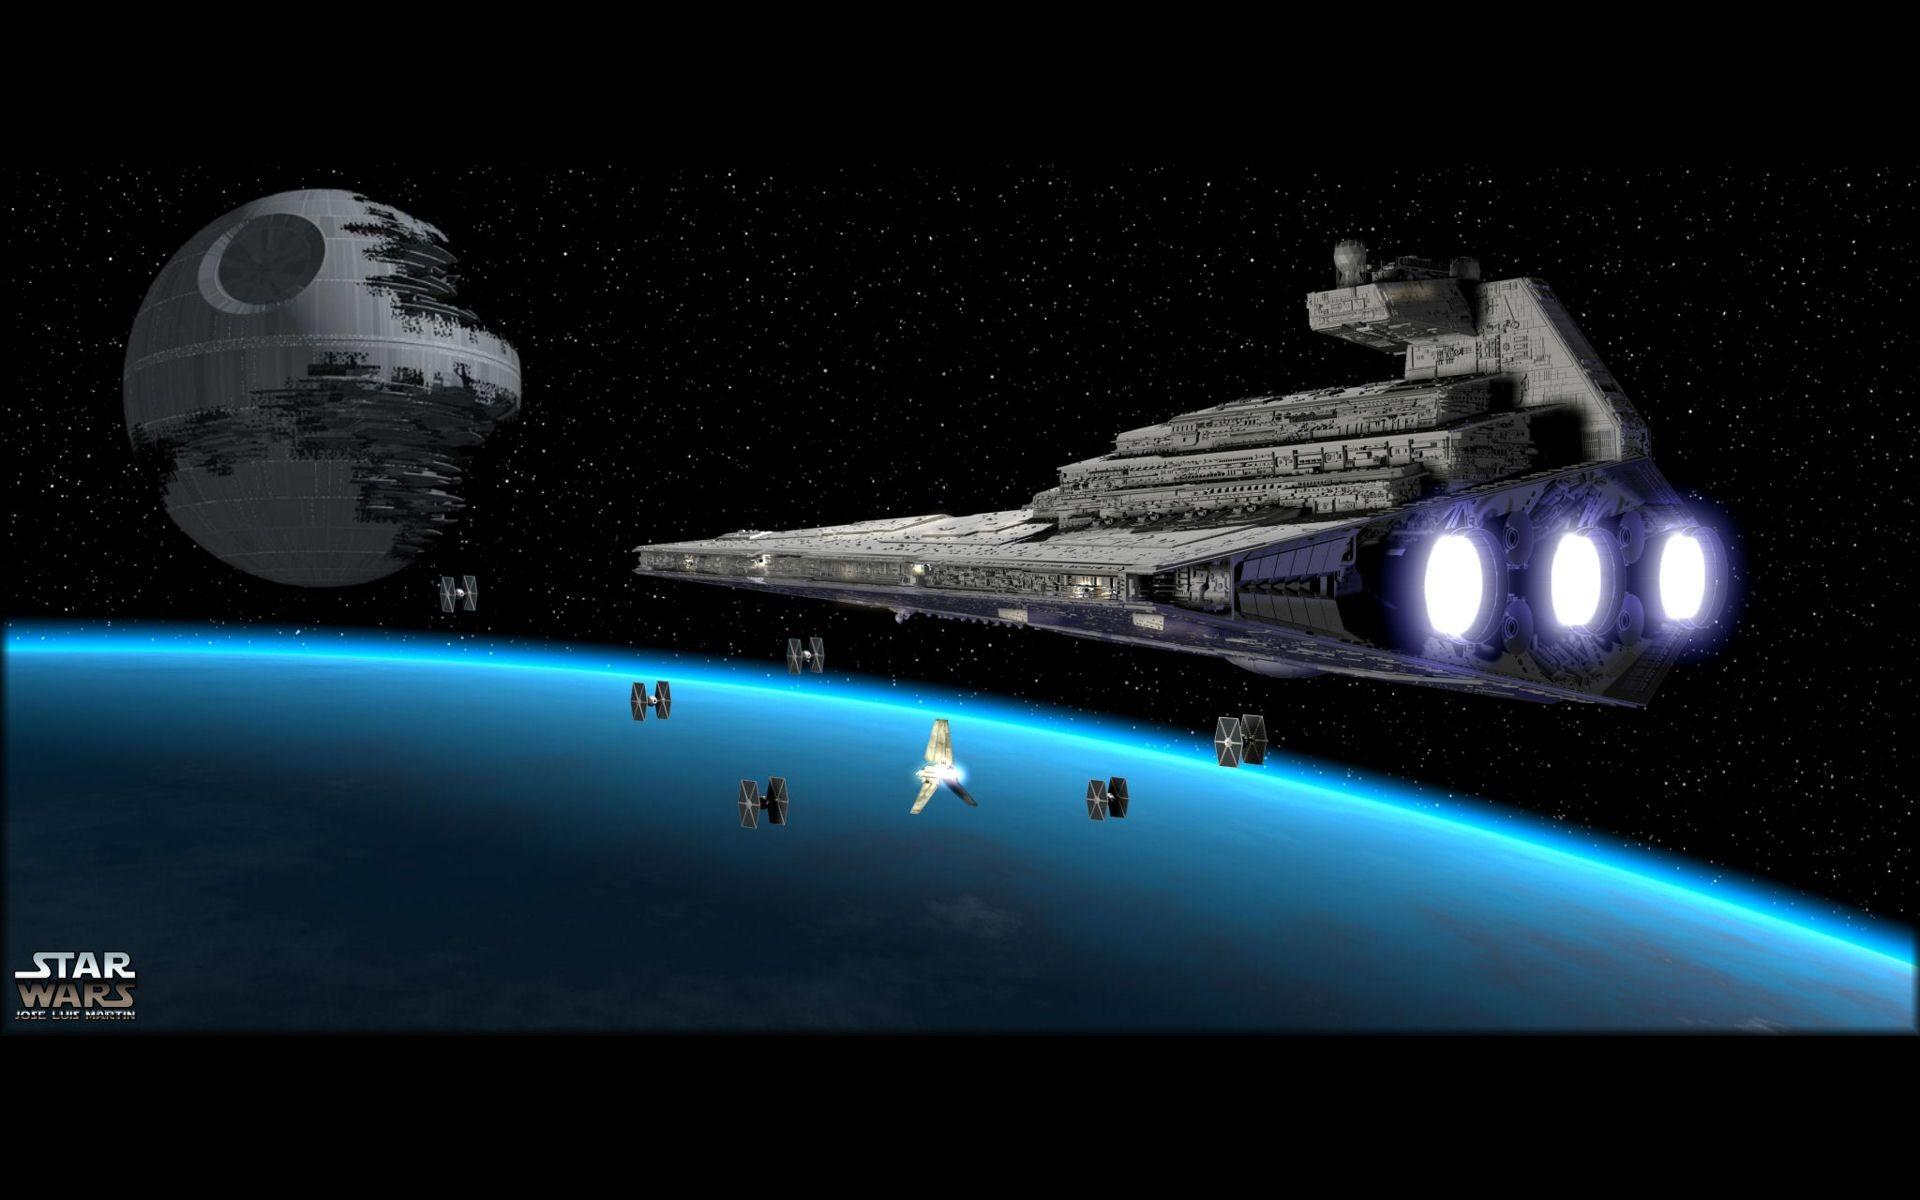 Star Wars Desktop Backgrounds